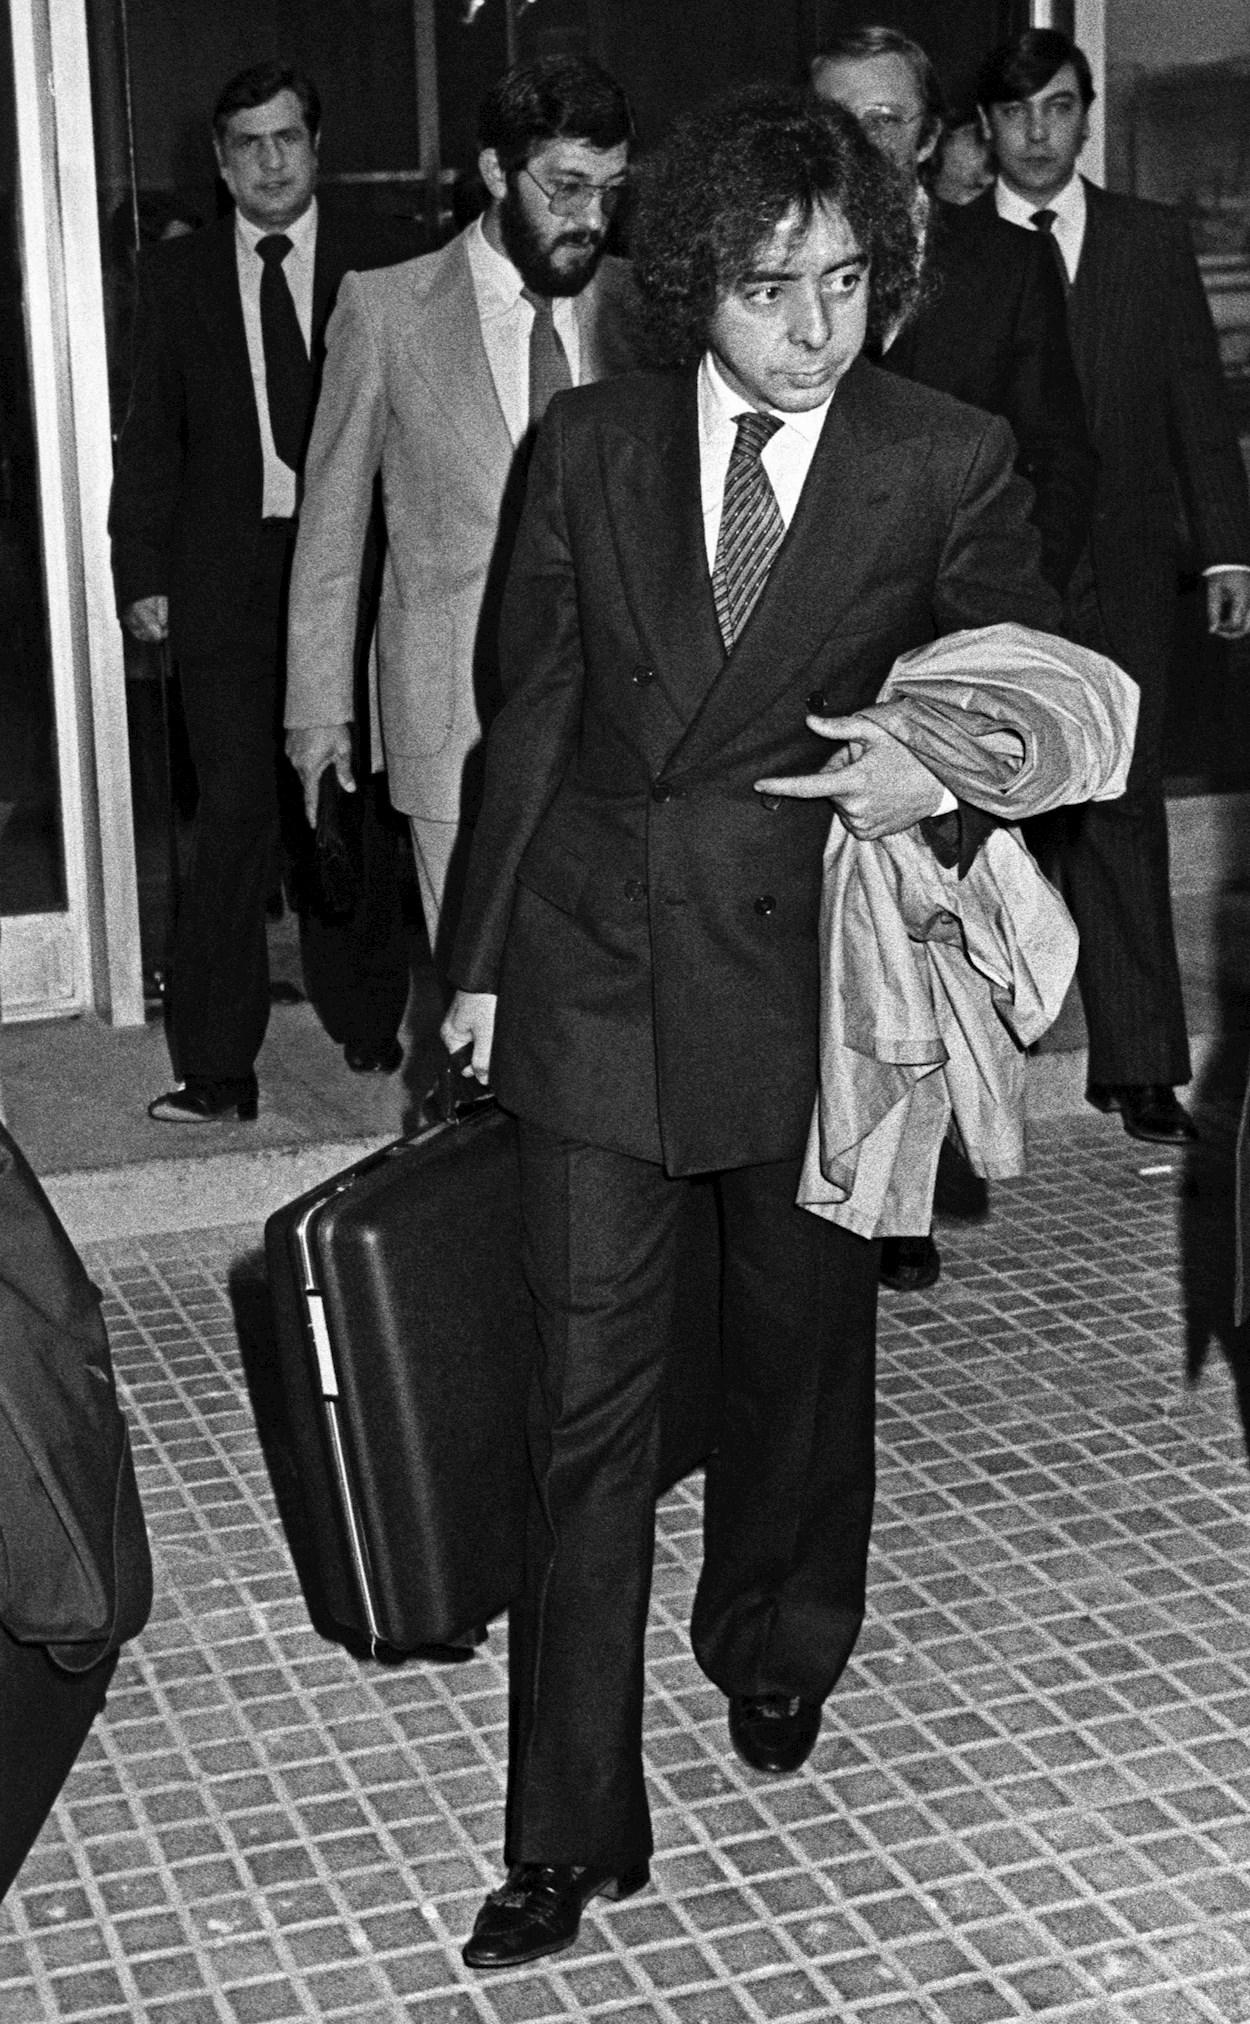 Fotografía de archivo, de noviembre de 1981, del expolicía de la Brigada Político Social del franquismo Antonio Fernández Pacheco, Billy el Niño, acusado de crímenes de lesa humanidad por torturas durante los últimos años de la dictadura. EFE